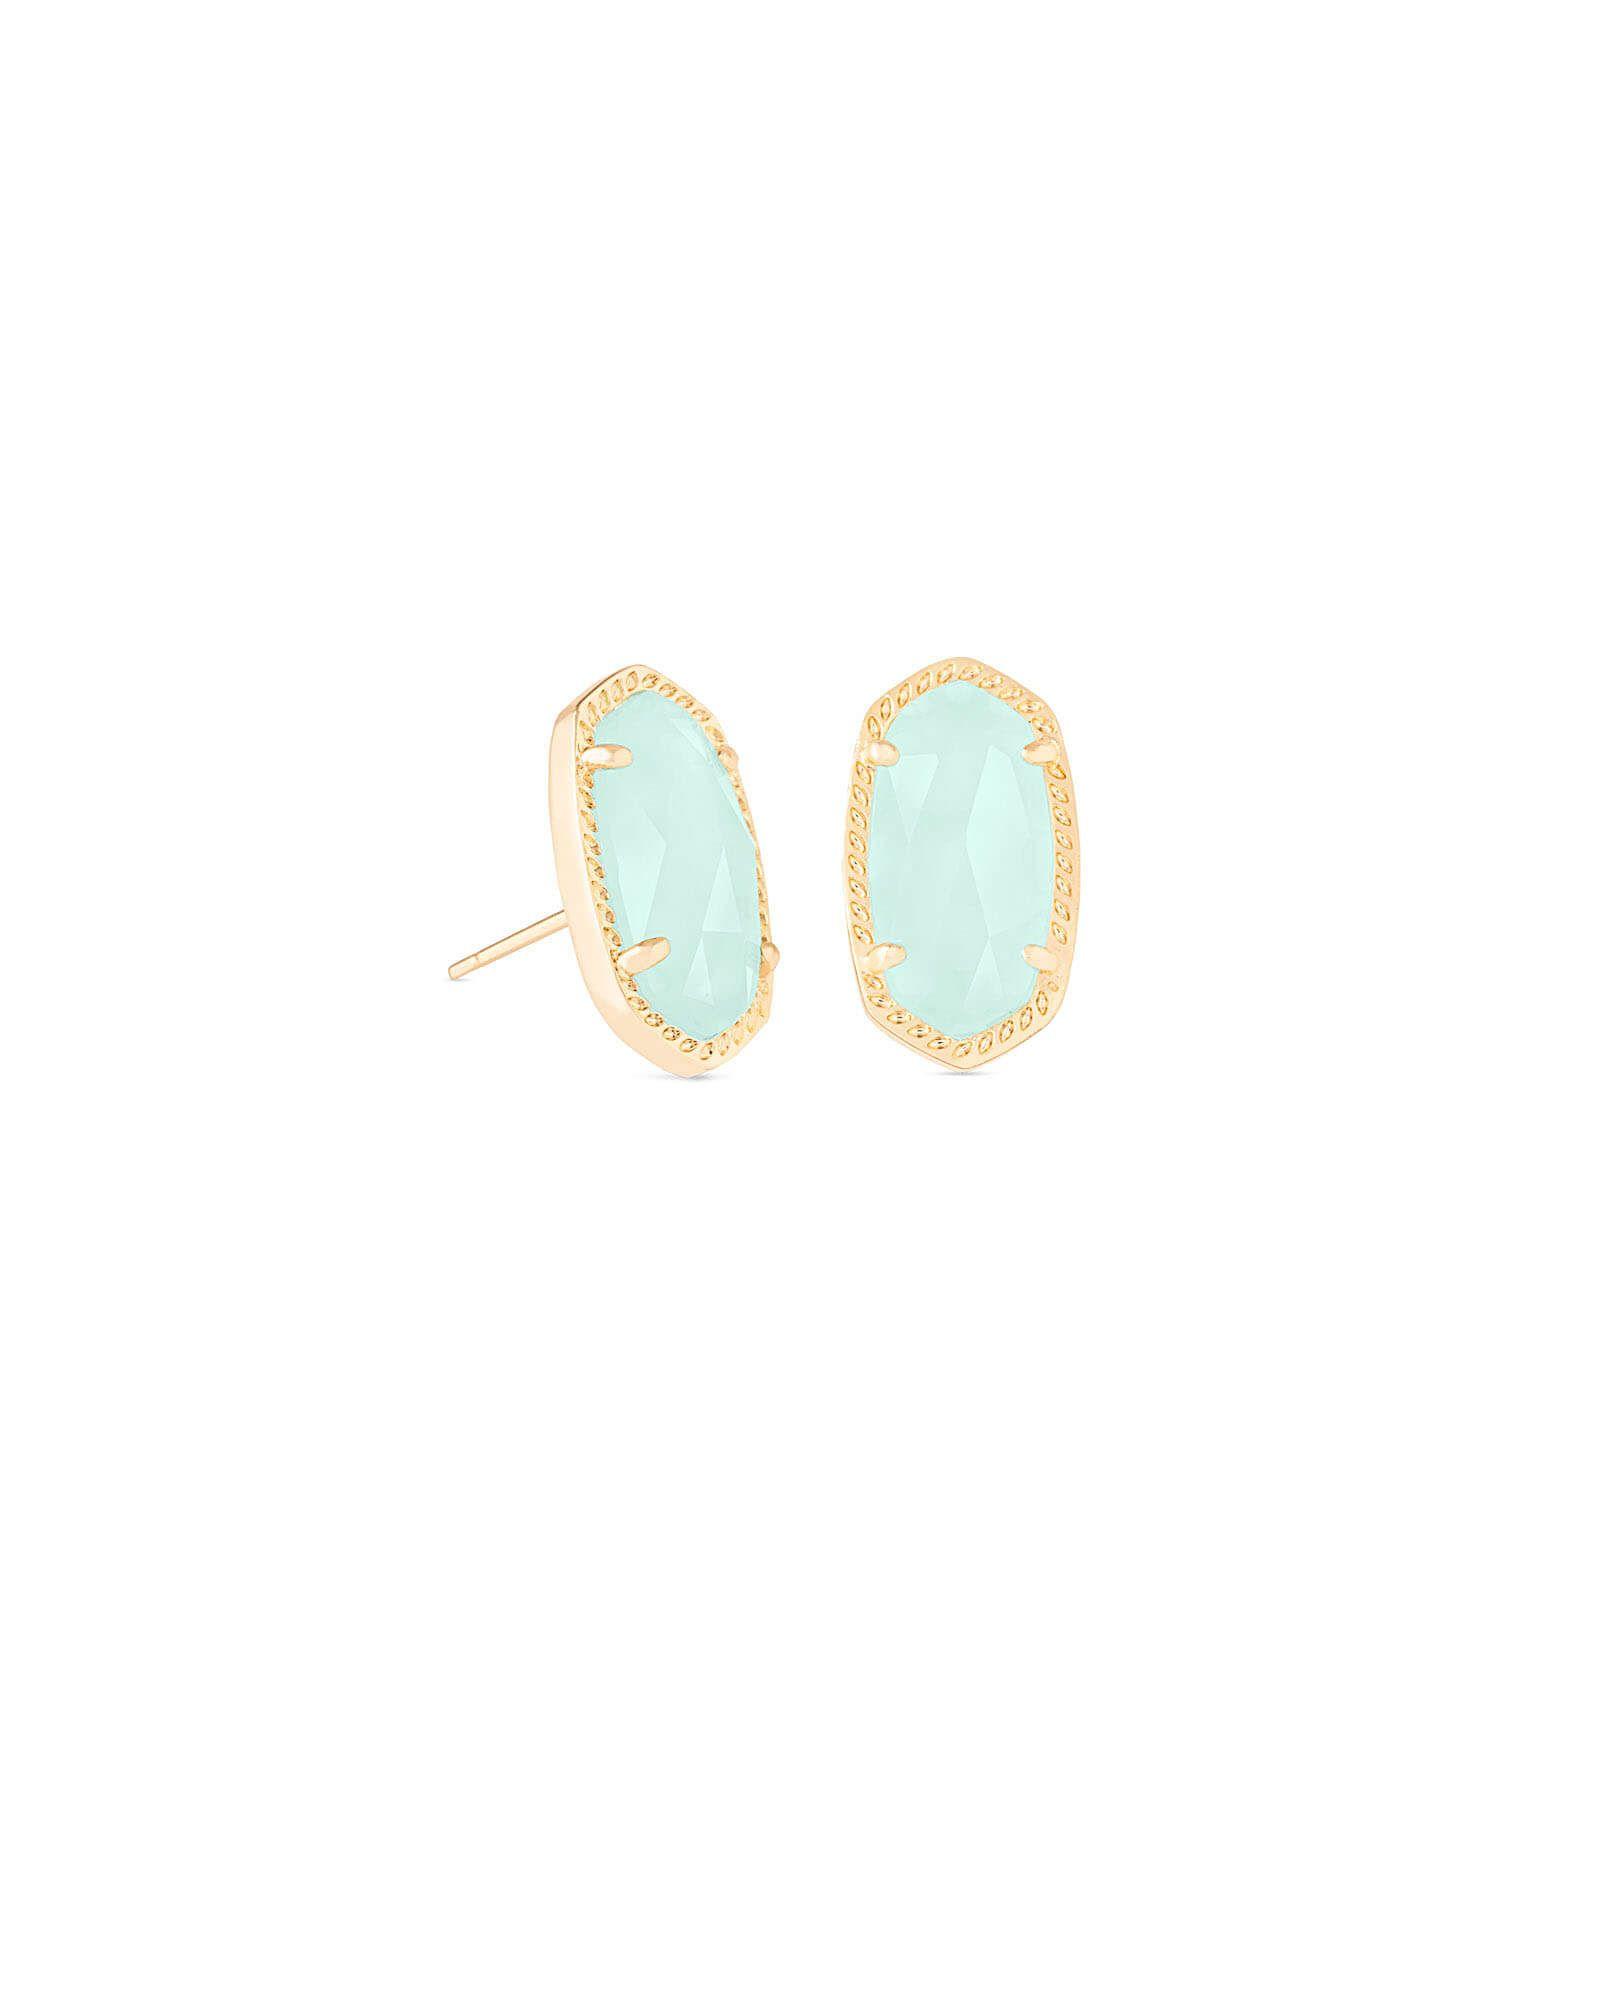 Matte Rose Gold New Kendra Scott Lady Stud Earrings In Golden Sand Drusy